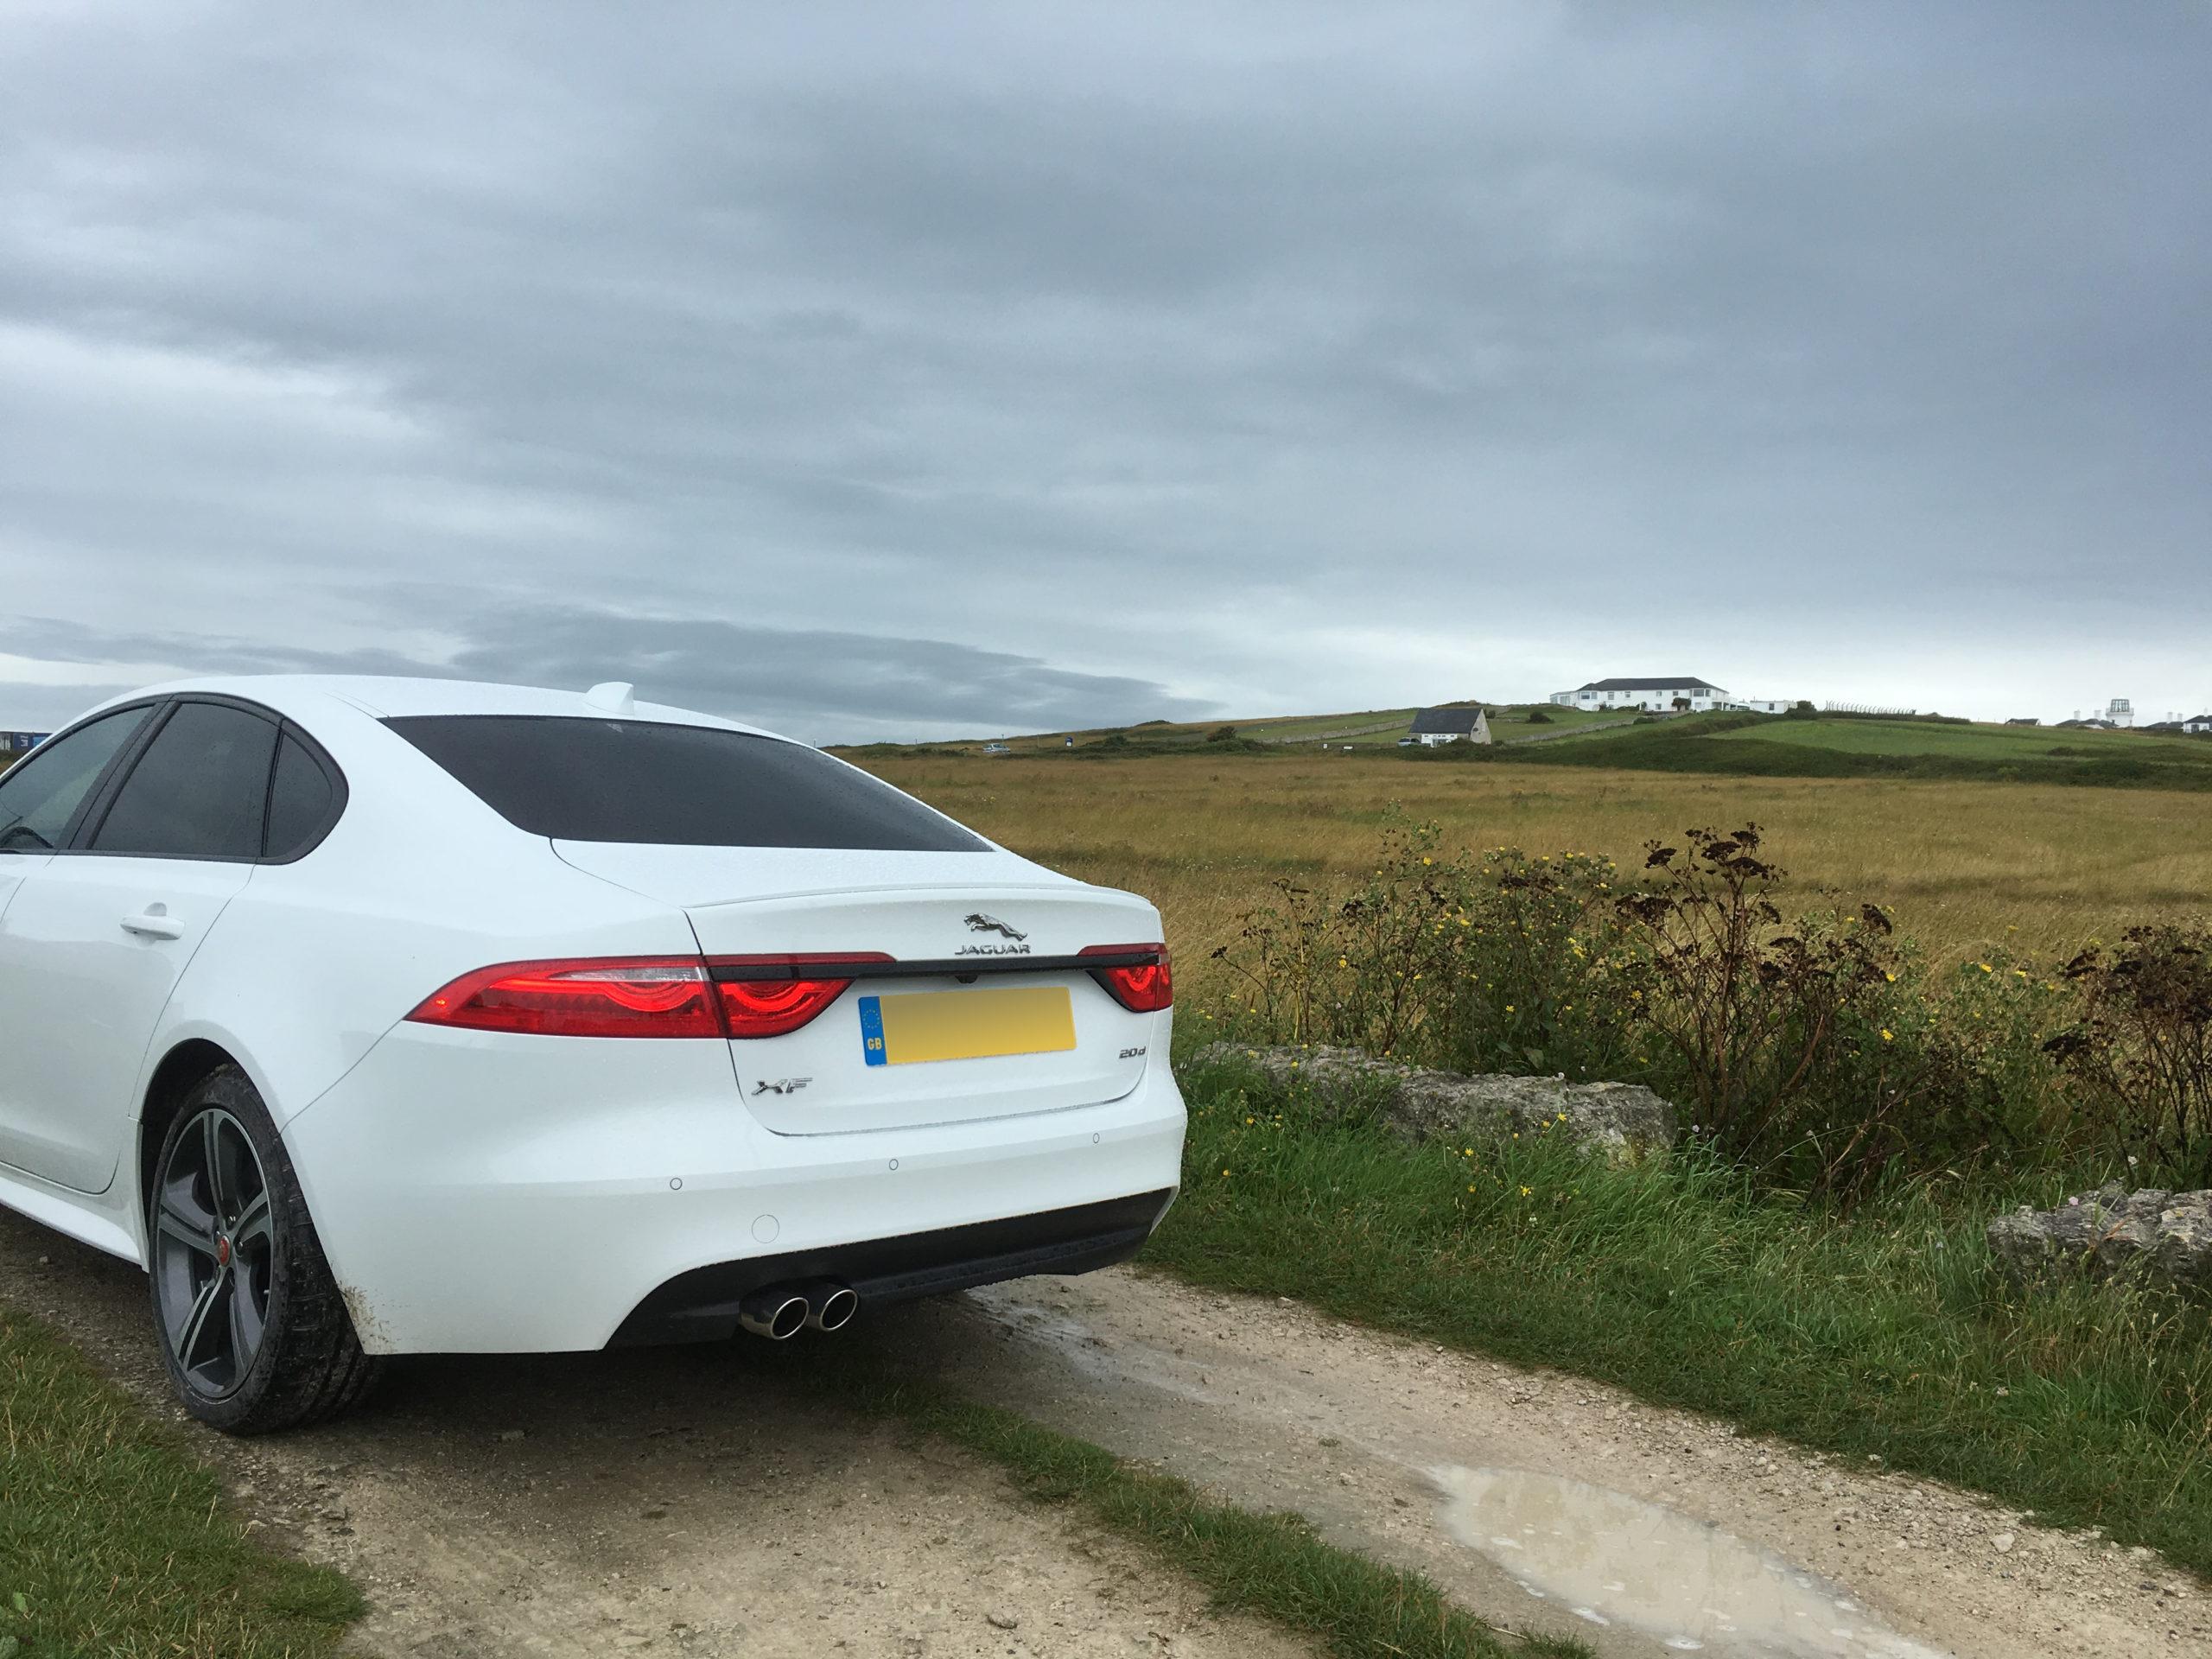 Jaguar XF at Portland Bill, Dorset